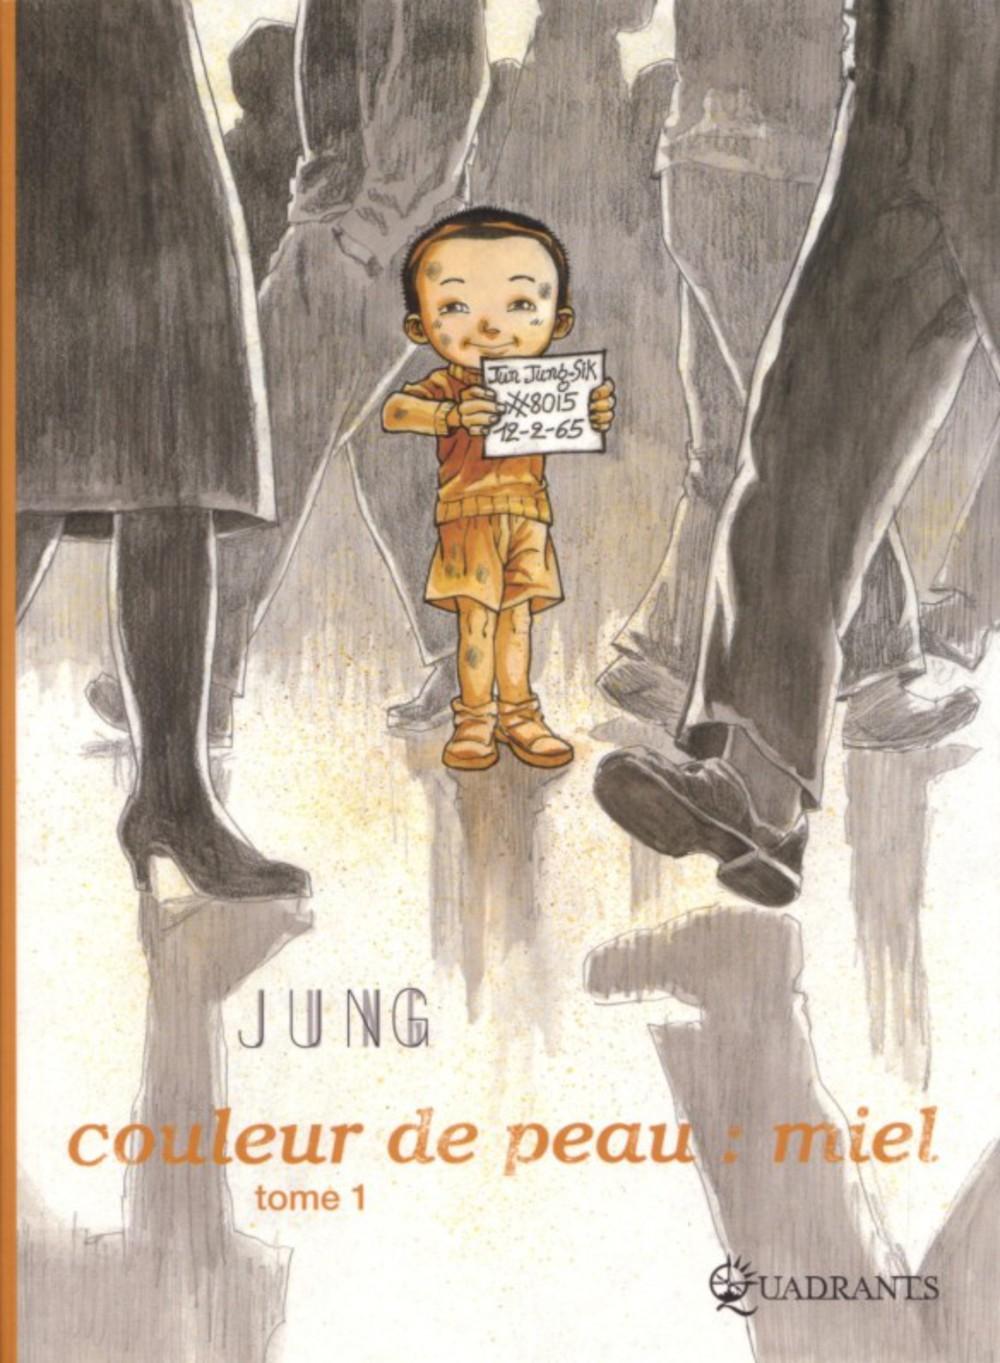 Couverture du tome 1 (Soleil Quadrants 2007)